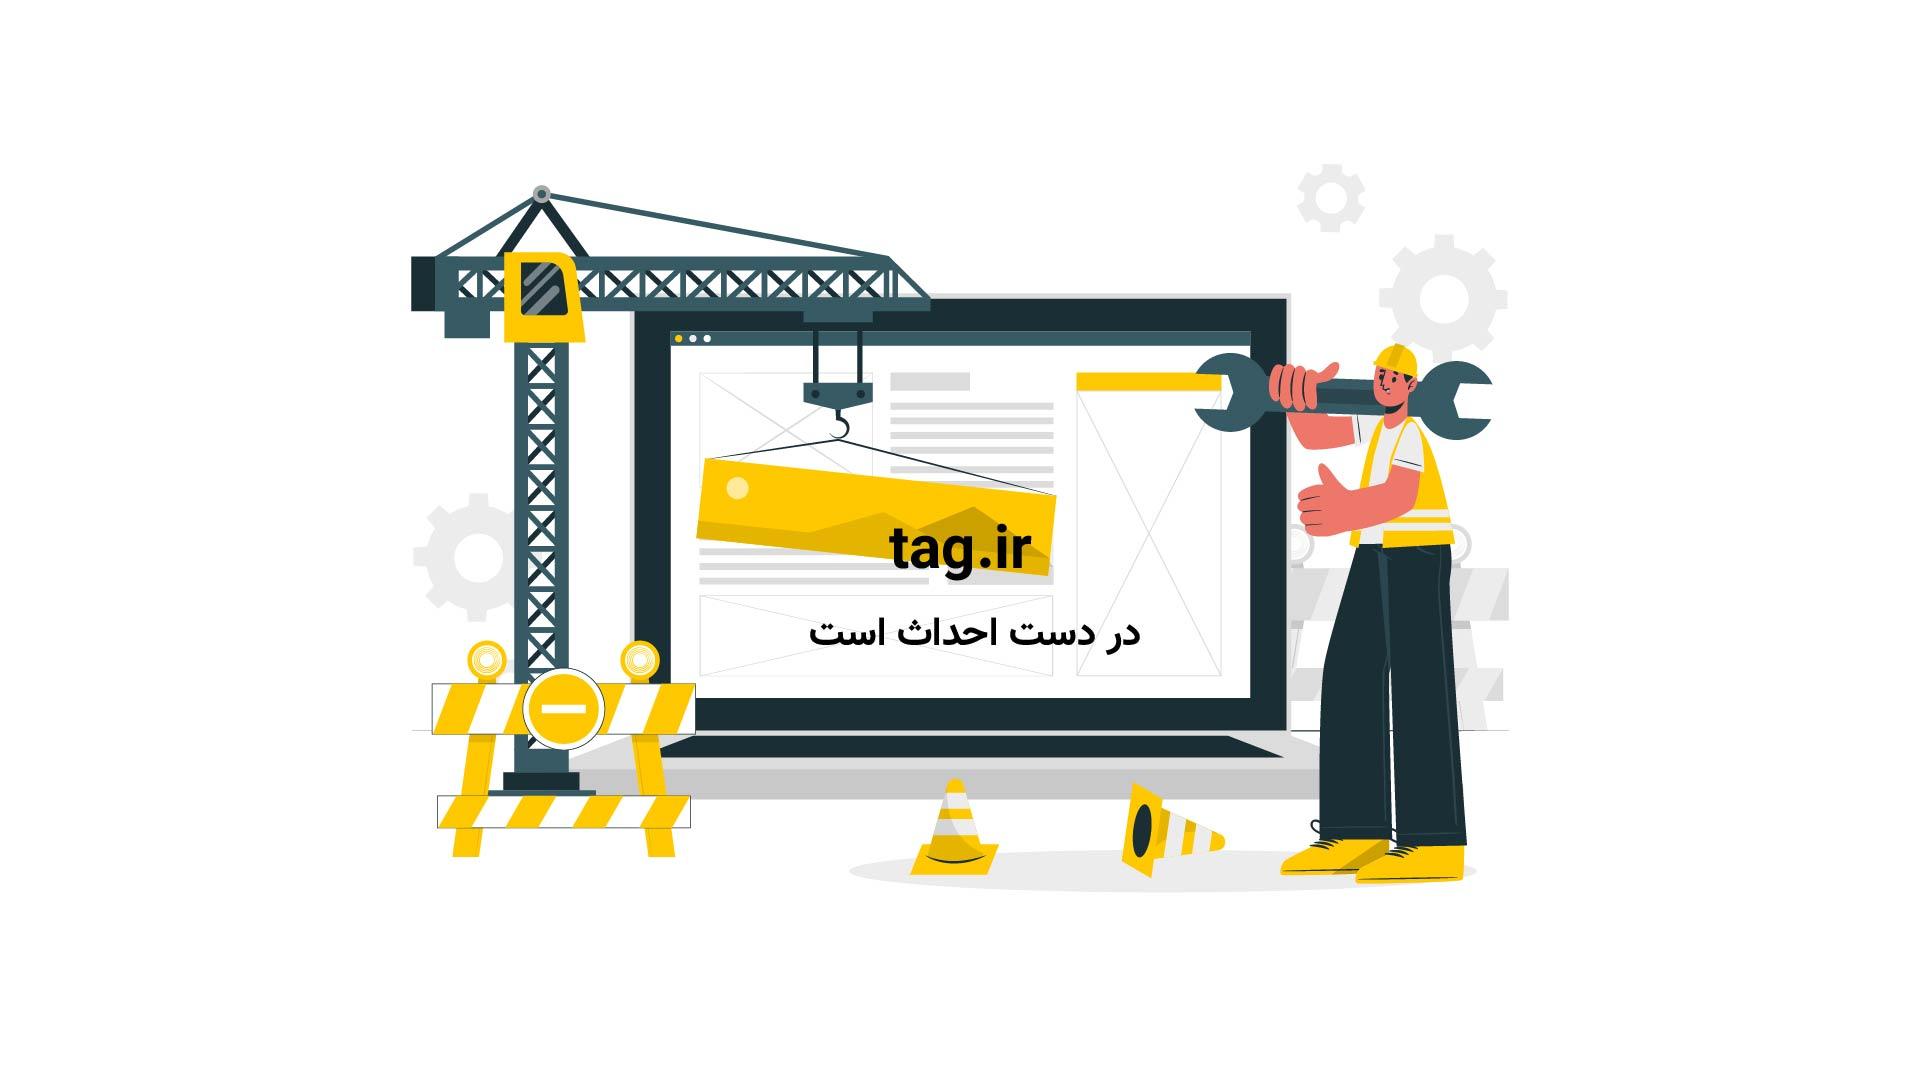 پلیس چینی ٢ کیلومتر روی کاپوت راننده مست + فیلم